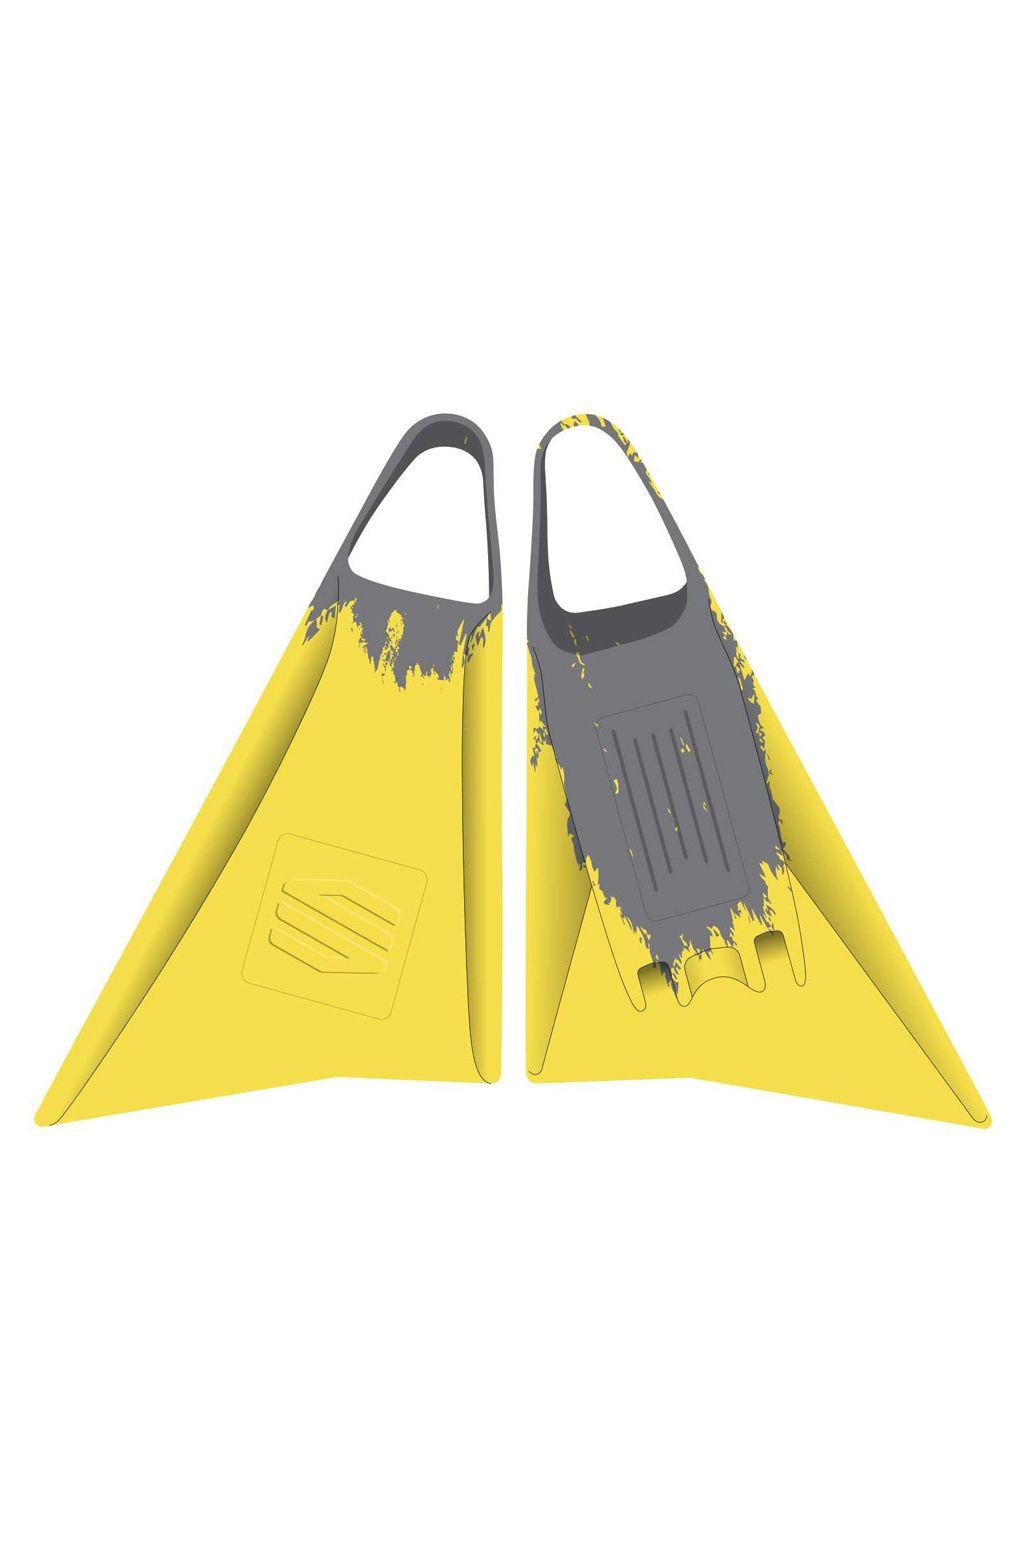 Pés-de-Pato Sniper SNIPER FINS Yellow/Grey